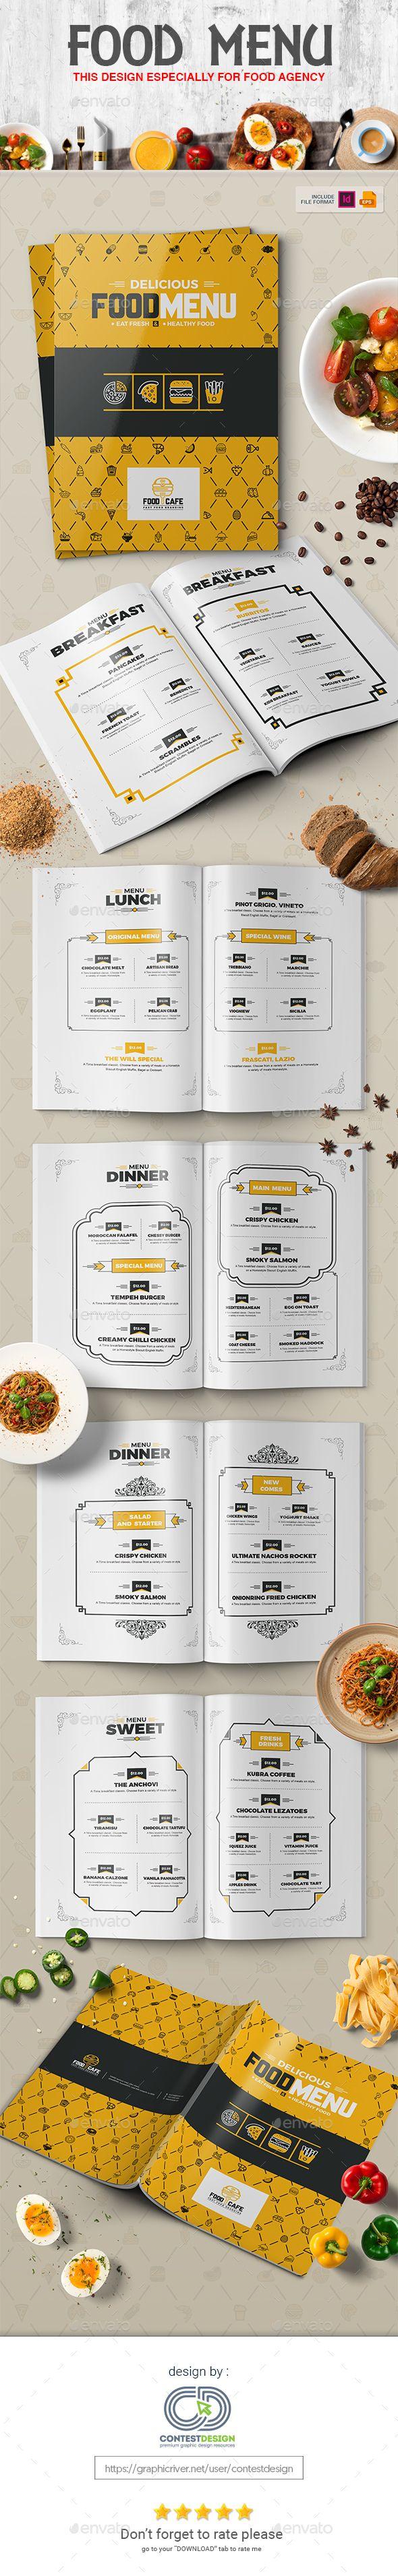 Food Menu Design Template For Fast Food  Restaurants  Cafe